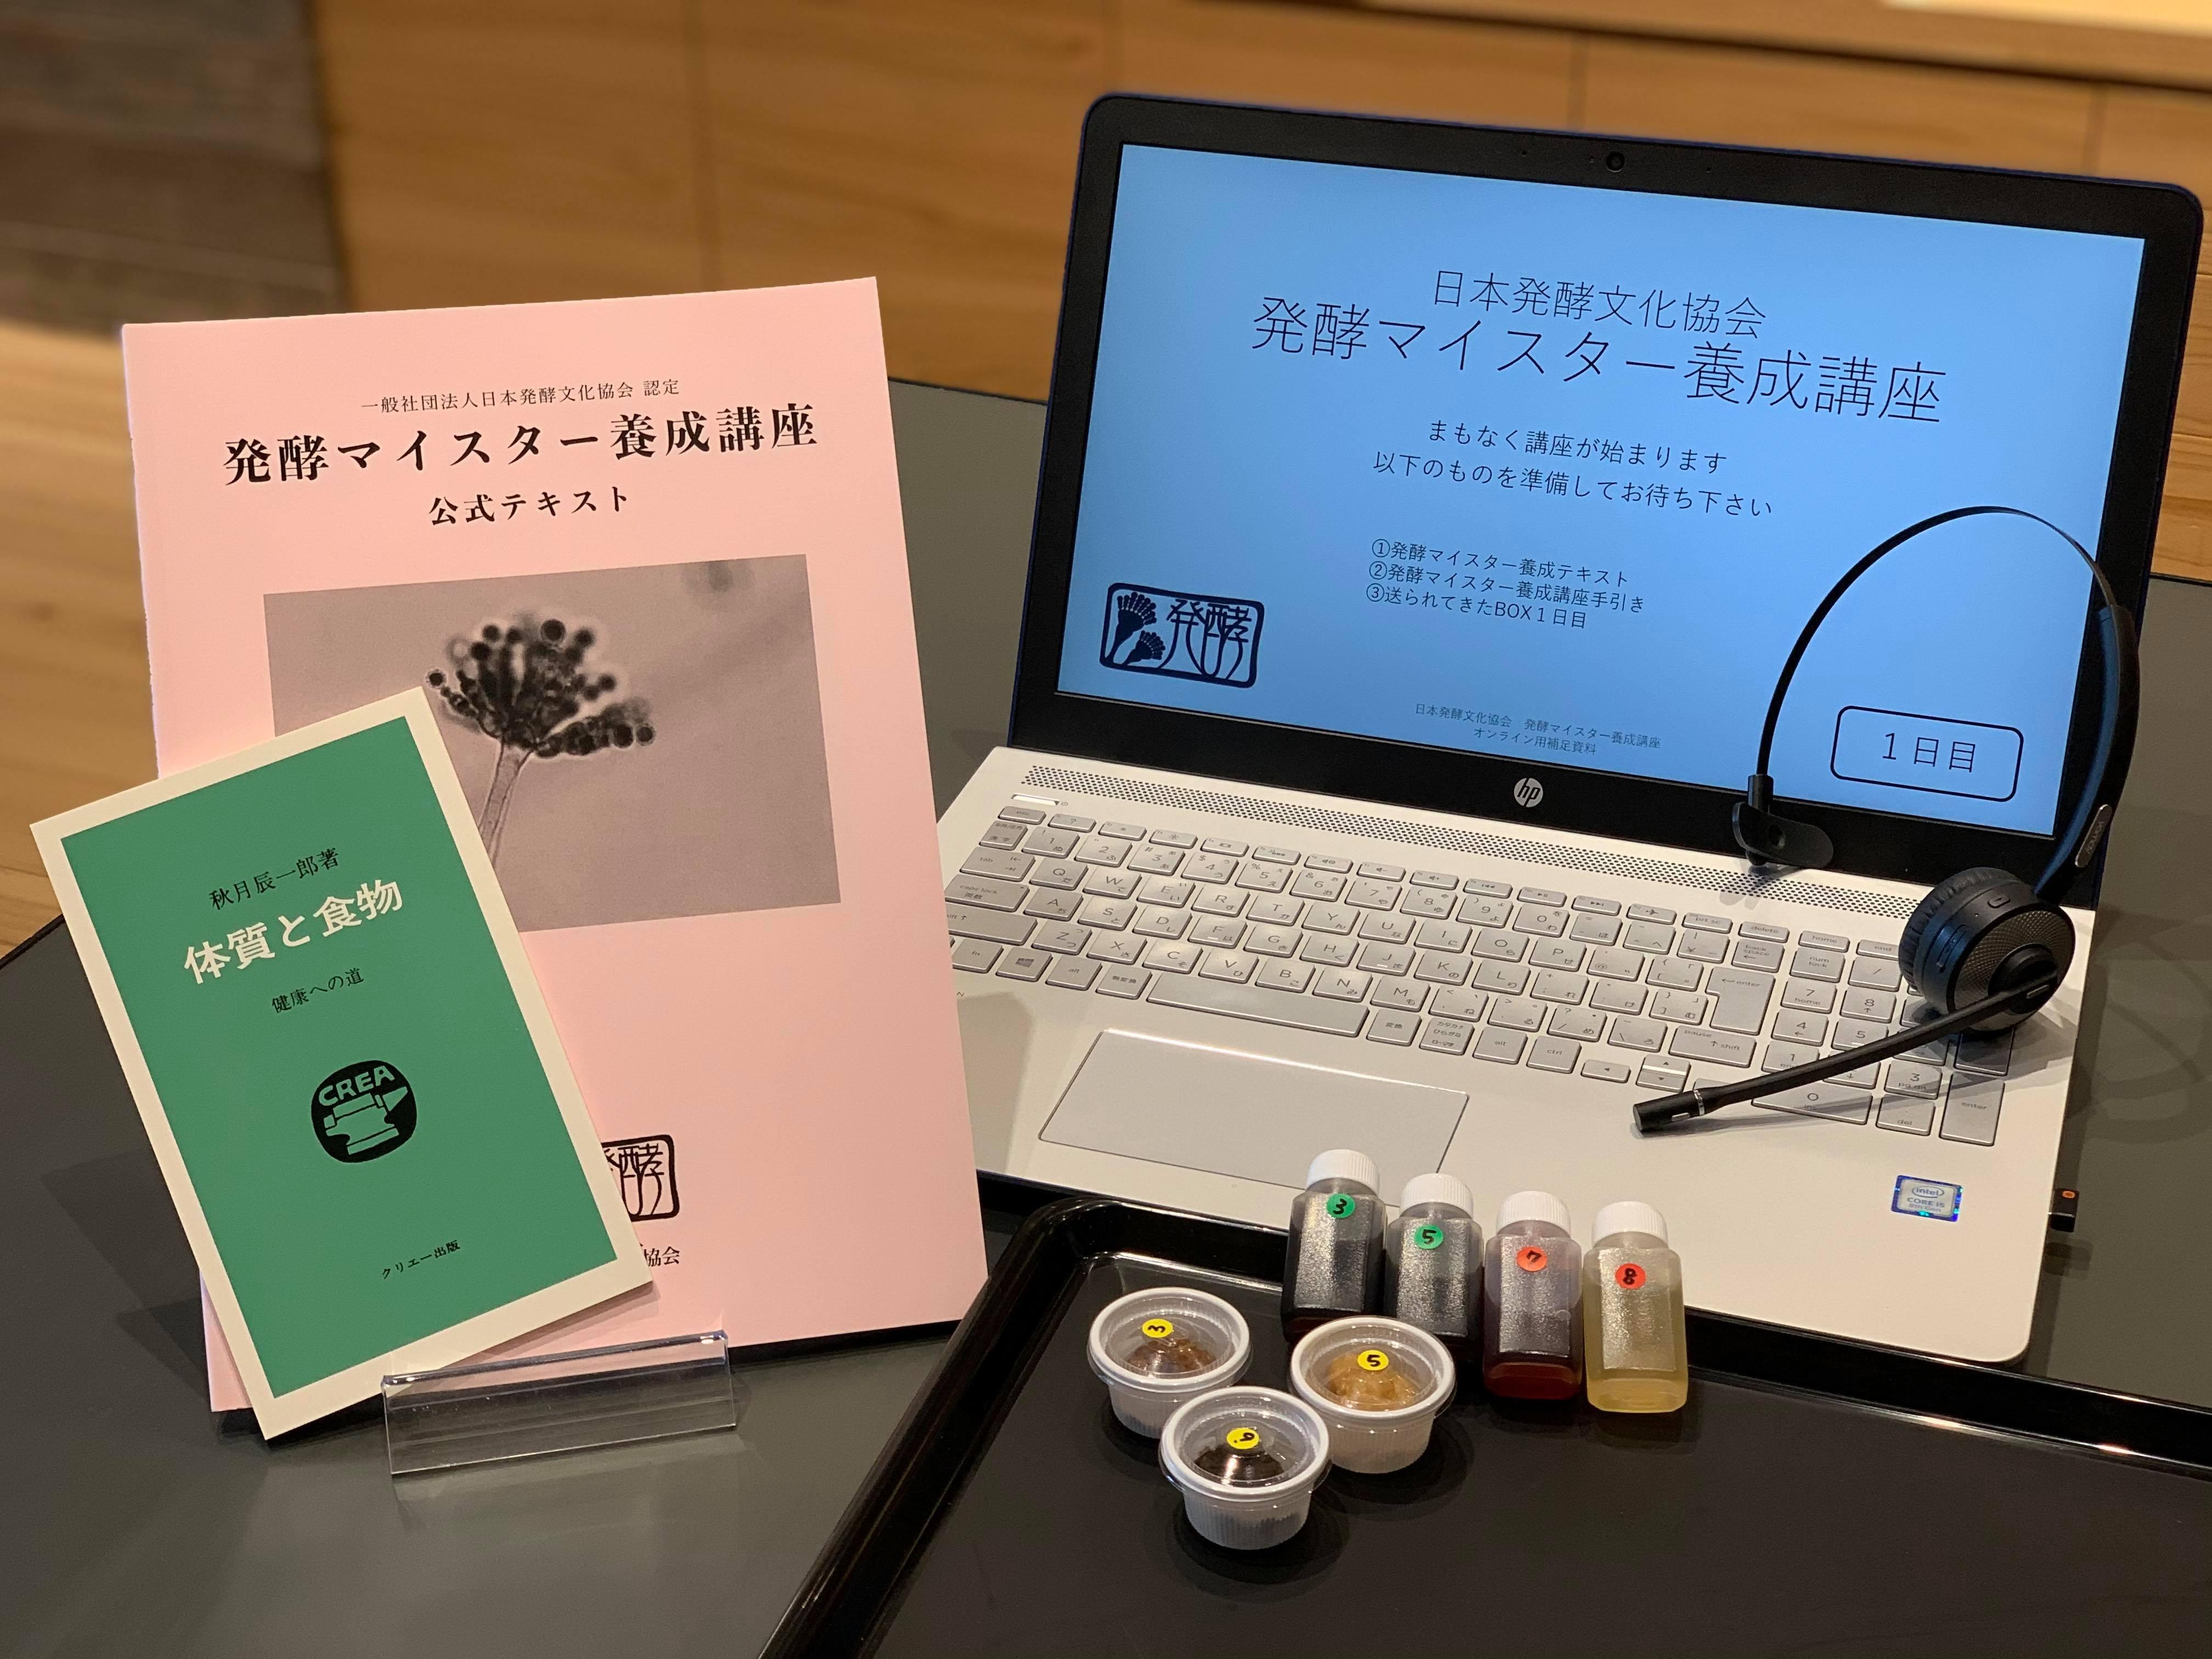 第48期 発酵マイスター養成講座(オンライン)  ※申し込み期限 2022年2月12日 23:59まで